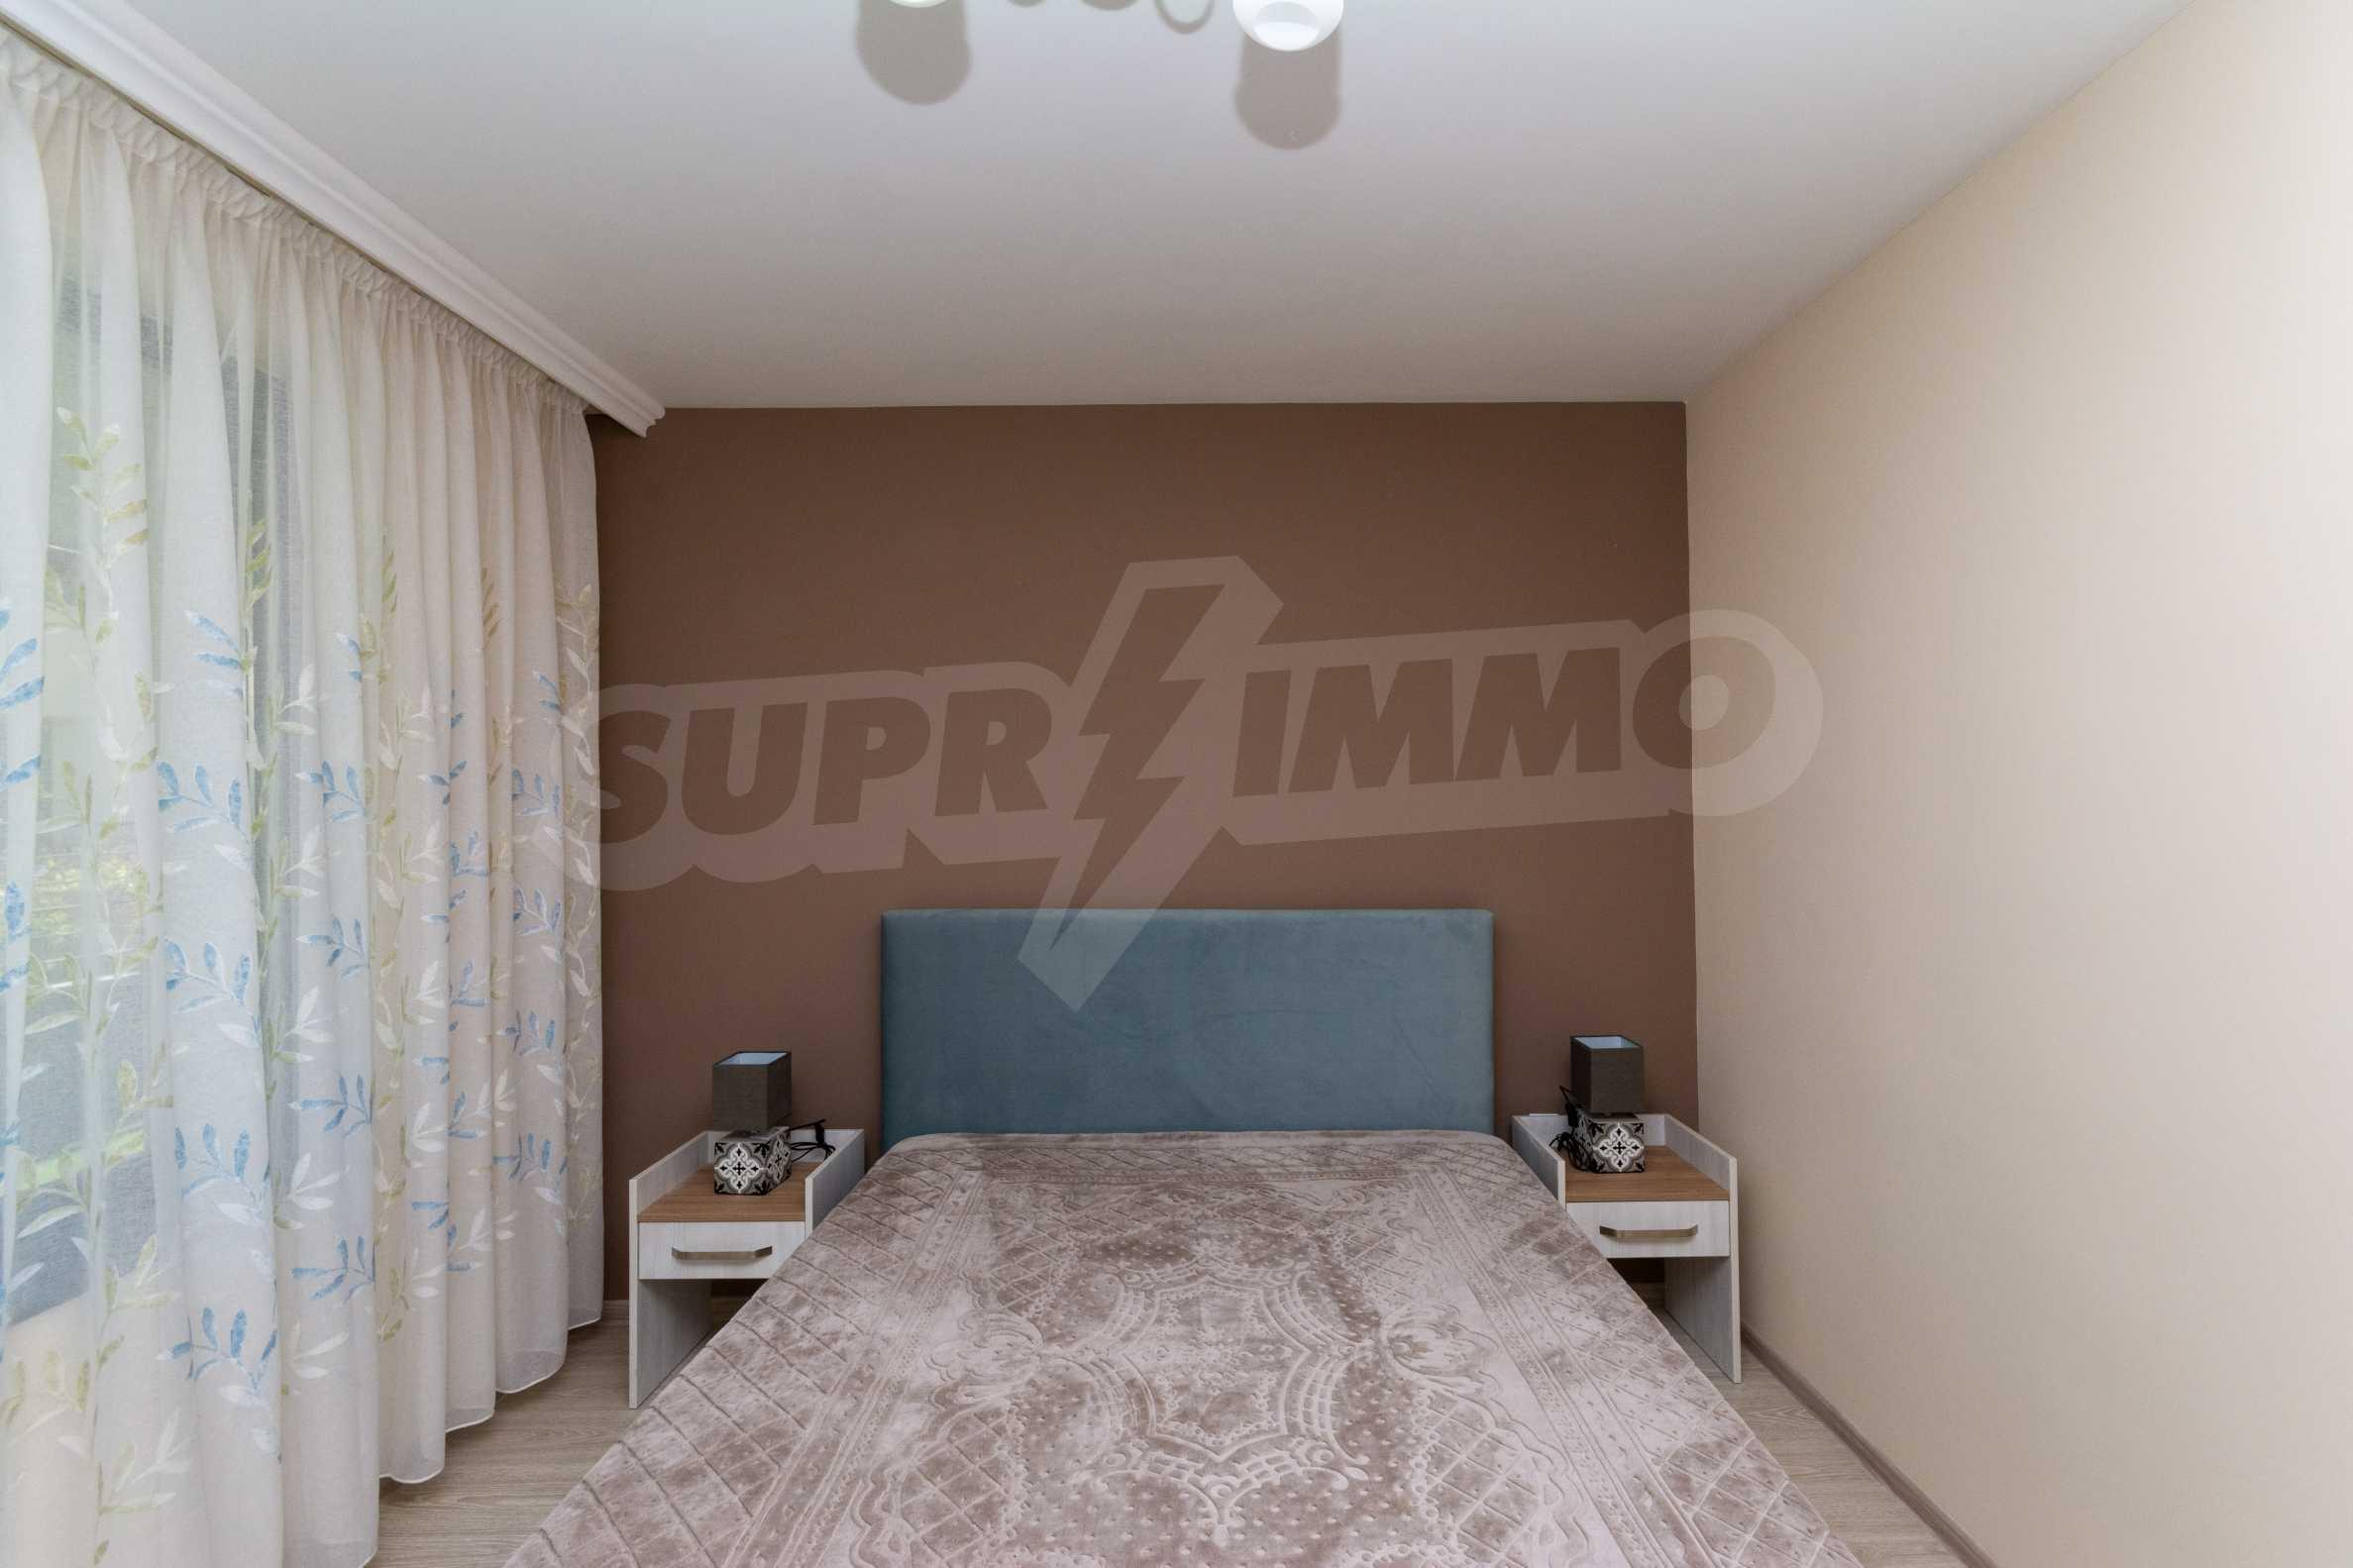 Двустаен апартамент в луксозна жилищна сграда на комуникативна локация в гр.Пловдив 6